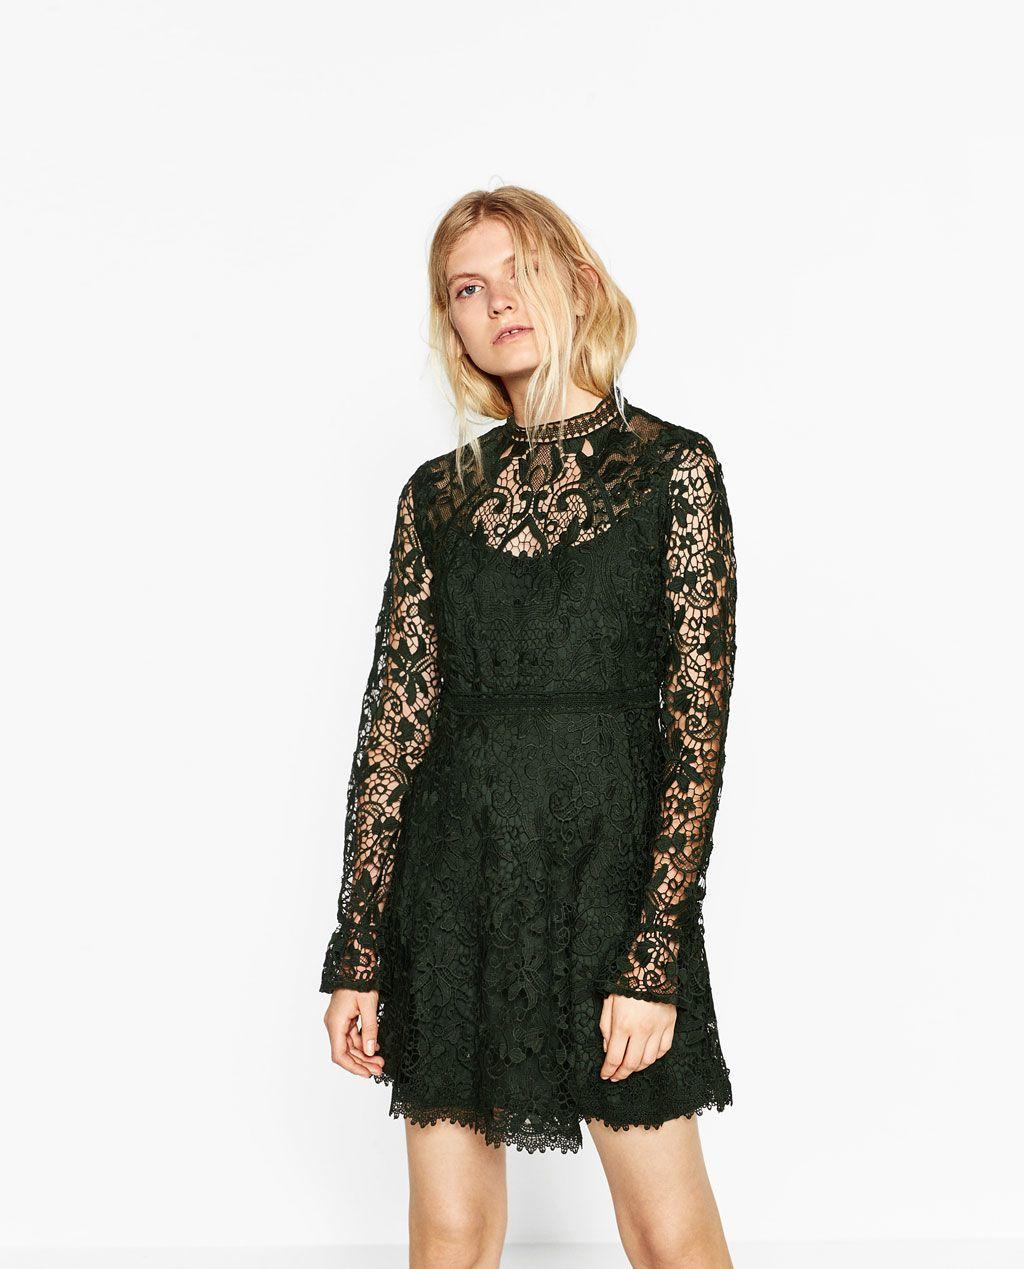 ZARA - MUJER - VESTIDO MINI ENCAJE | vestido | Pinterest | Damen